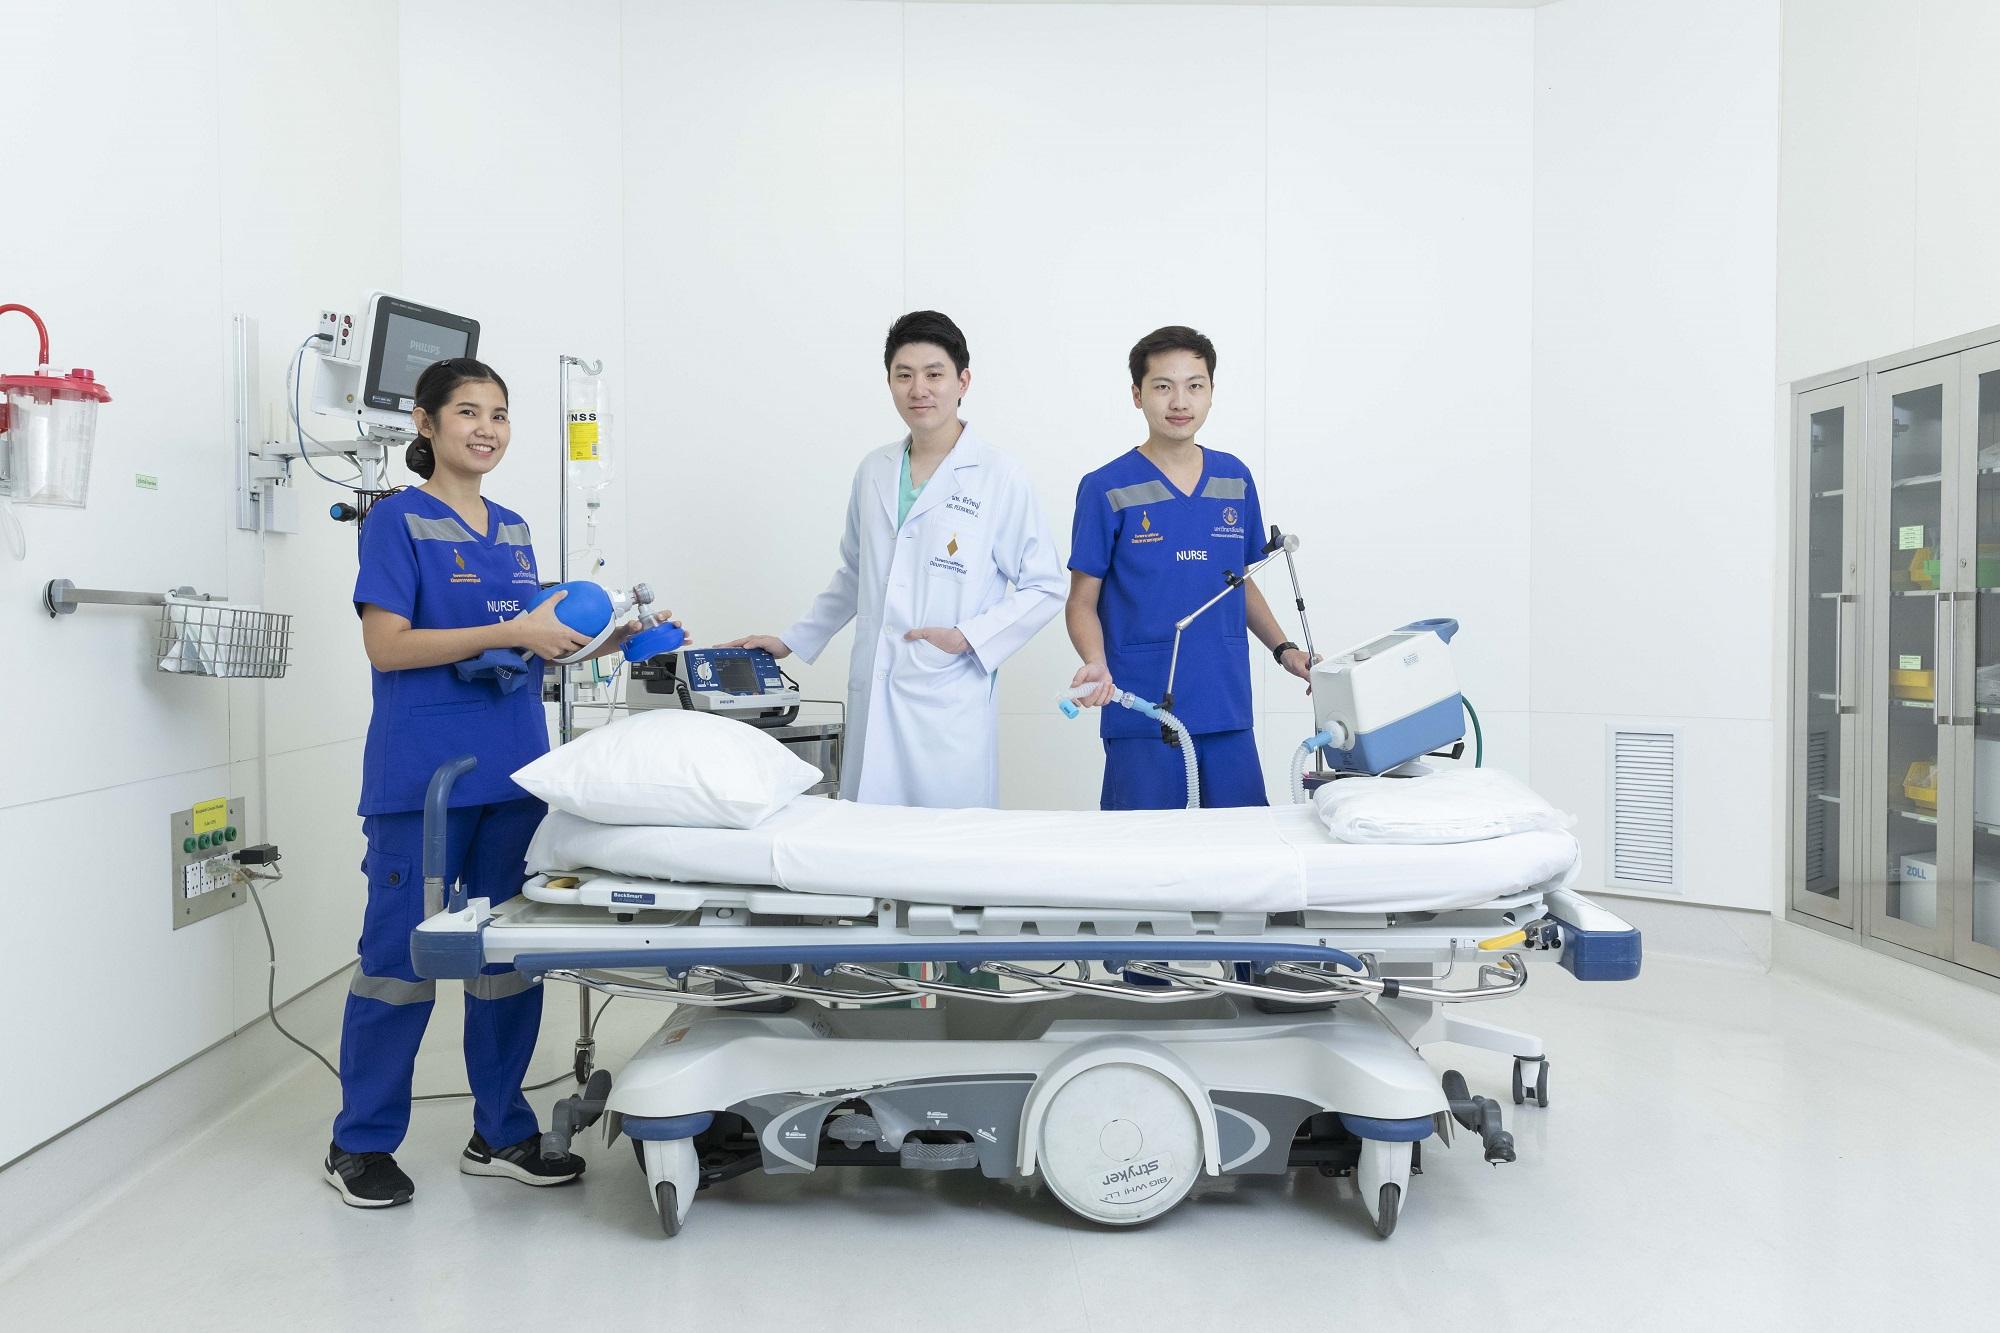 คลินิกผู้ป่วยฉุกเฉิน โรงพยาบาลศิริราช ปิยมหาราชการุณย์